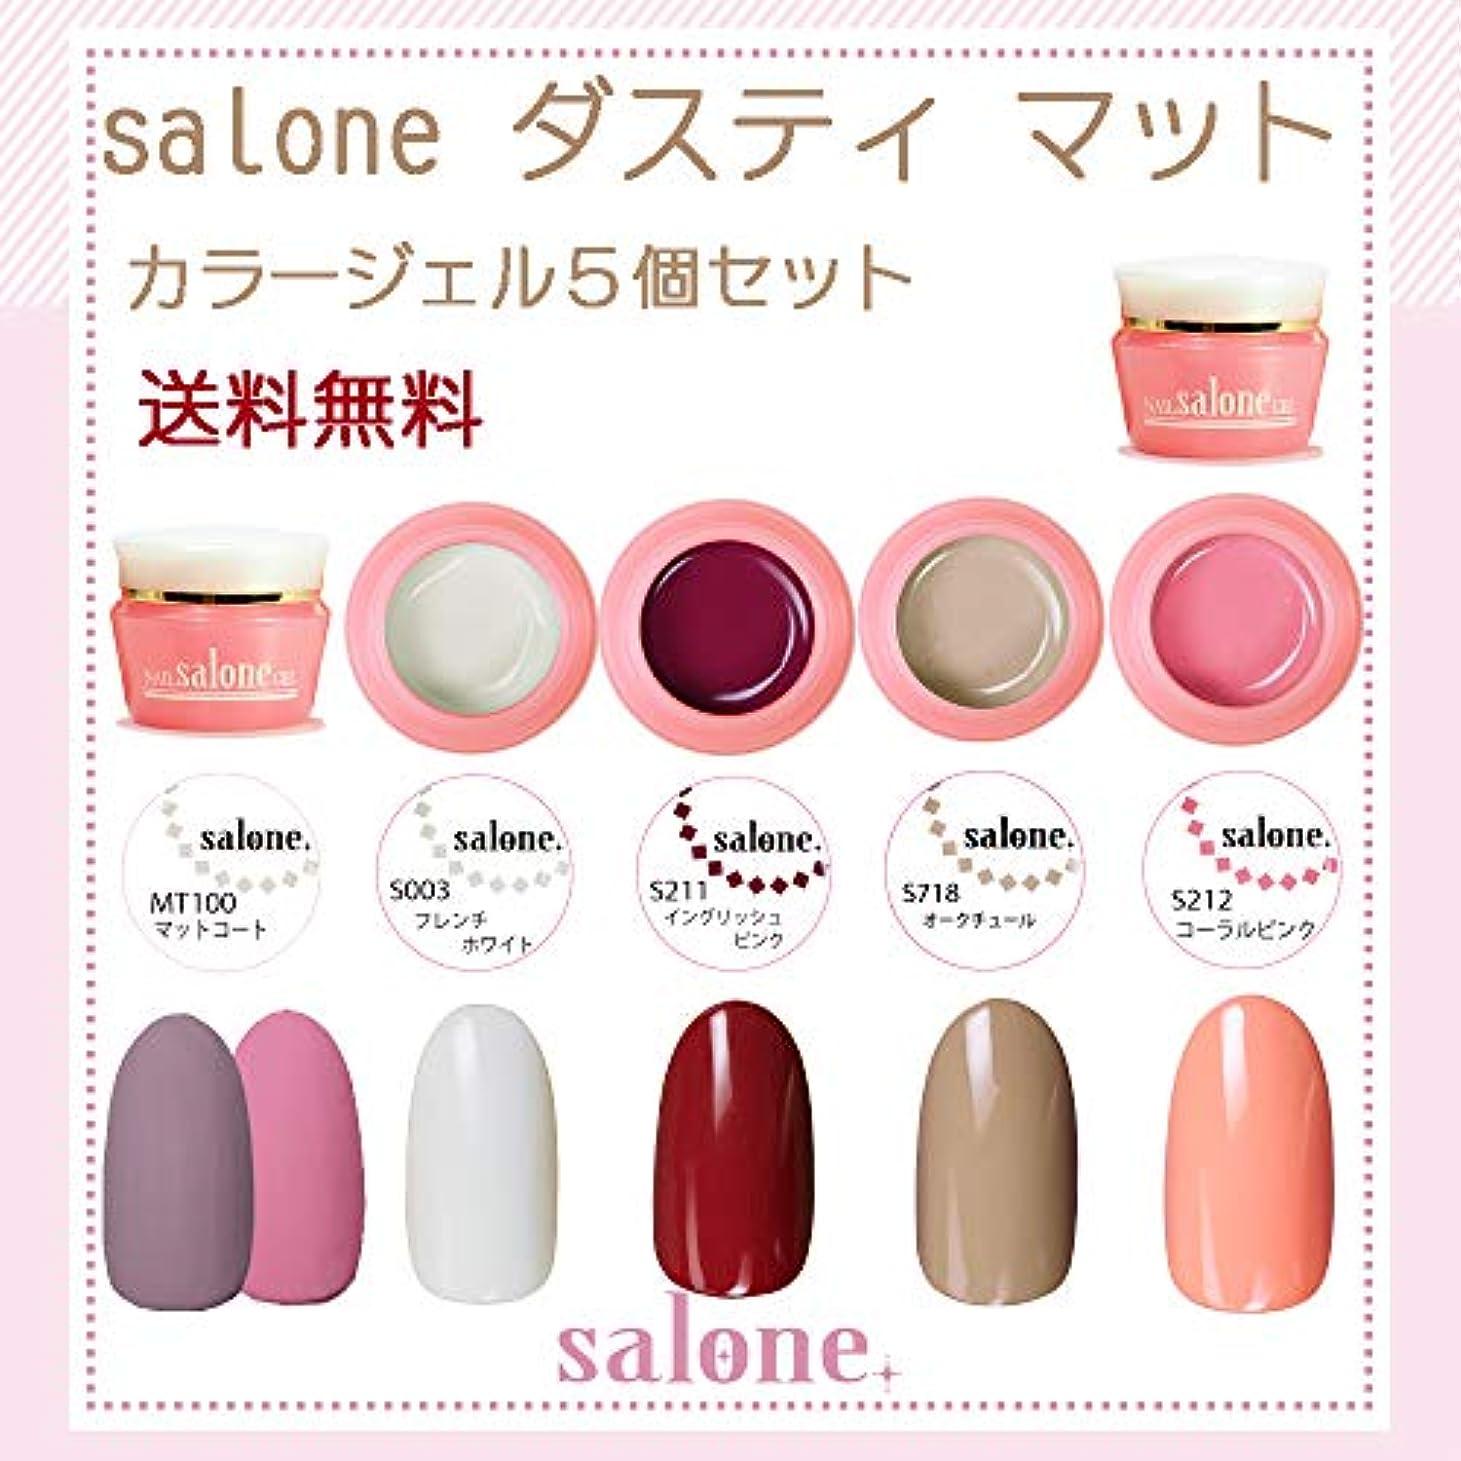 改善する新着幸福【送料無料 日本製】Salone ダスティマット カラージェル5個セット ネイルのマストアイテムのマットトップ